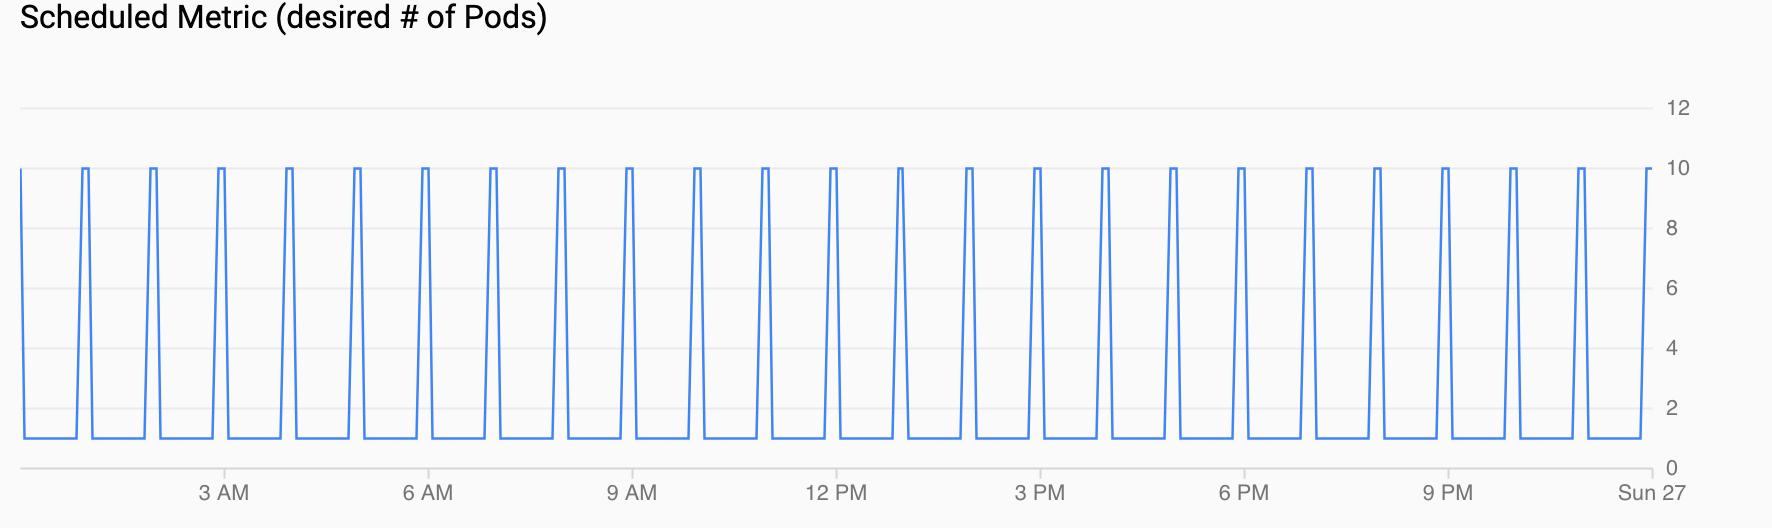 Gráfico de demanda para pods, mostrando um pico a cada hora.